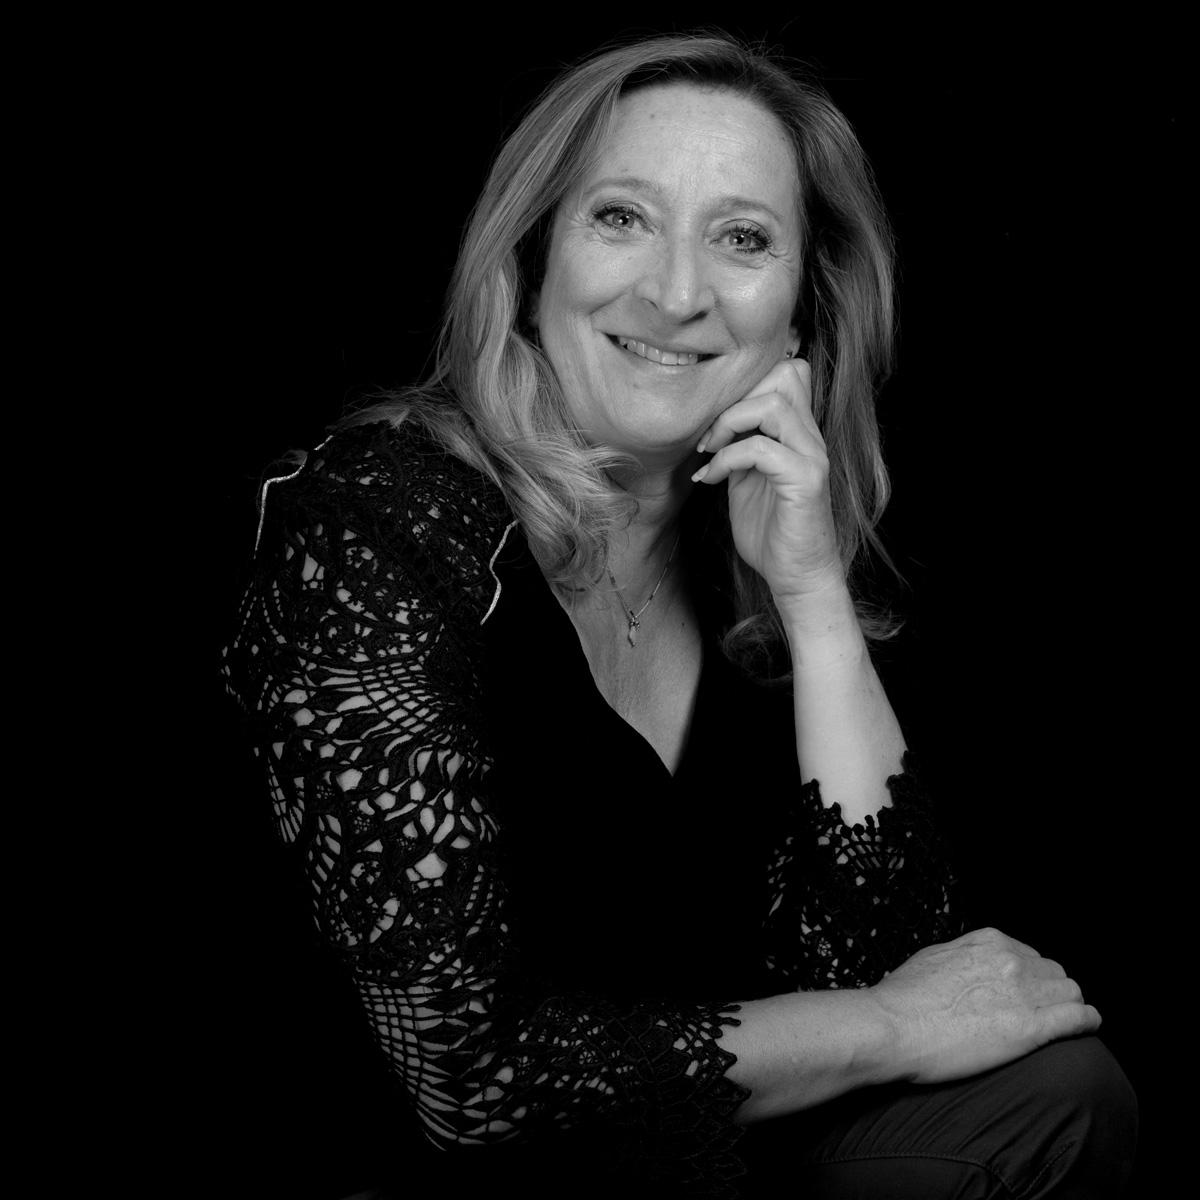 Portrait noir et blanc de Sylvie Hervéou-Pardo - réflexologue